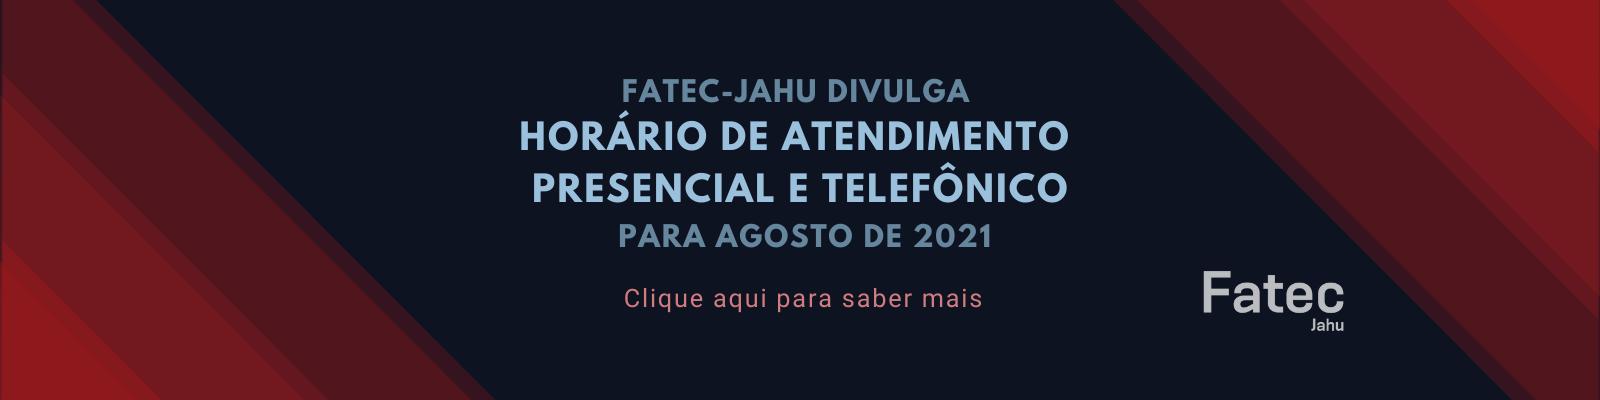 banner_atendimento-ago21